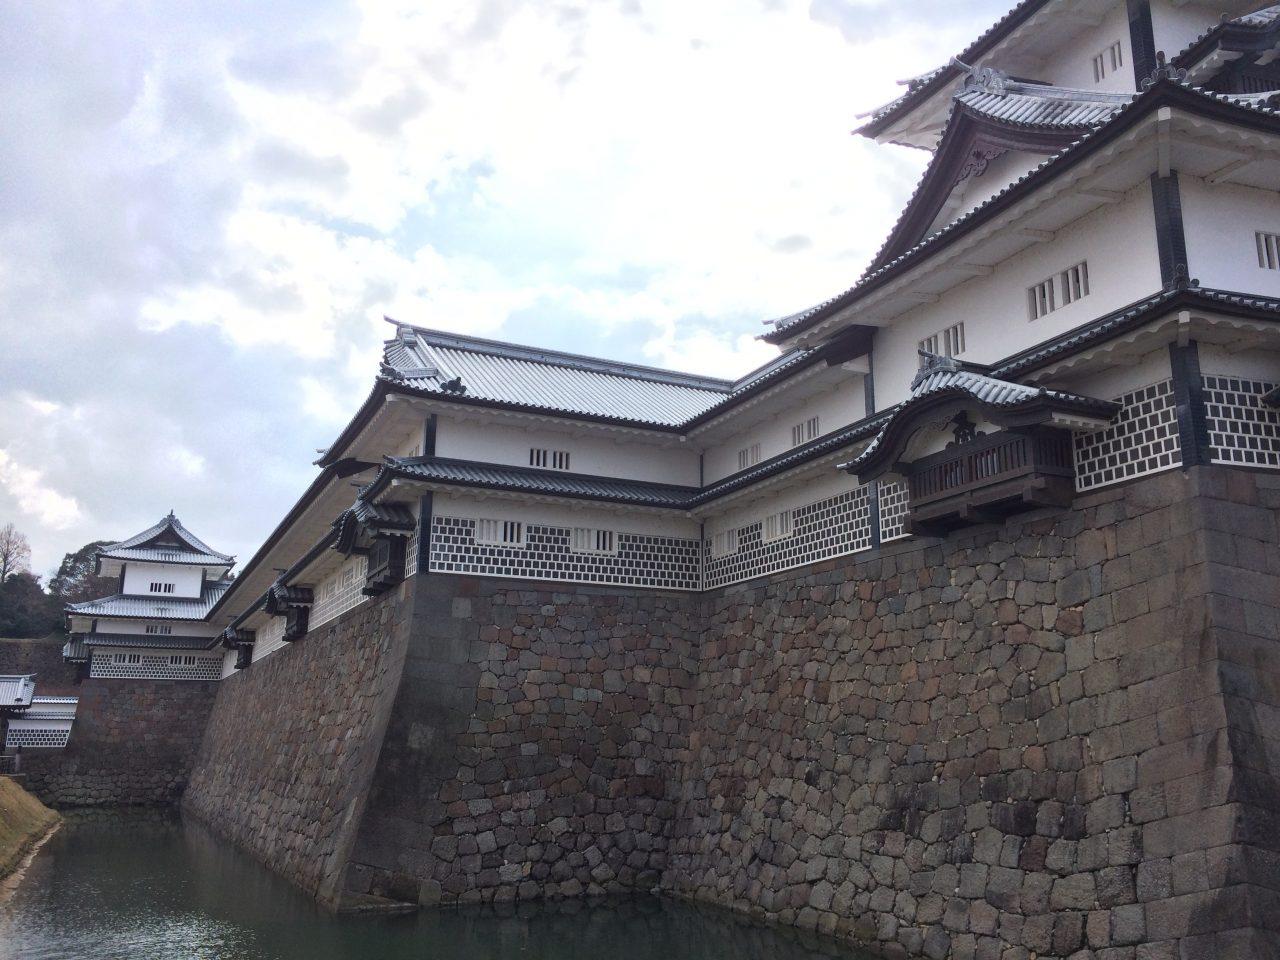 金沢城とお堀4の写真